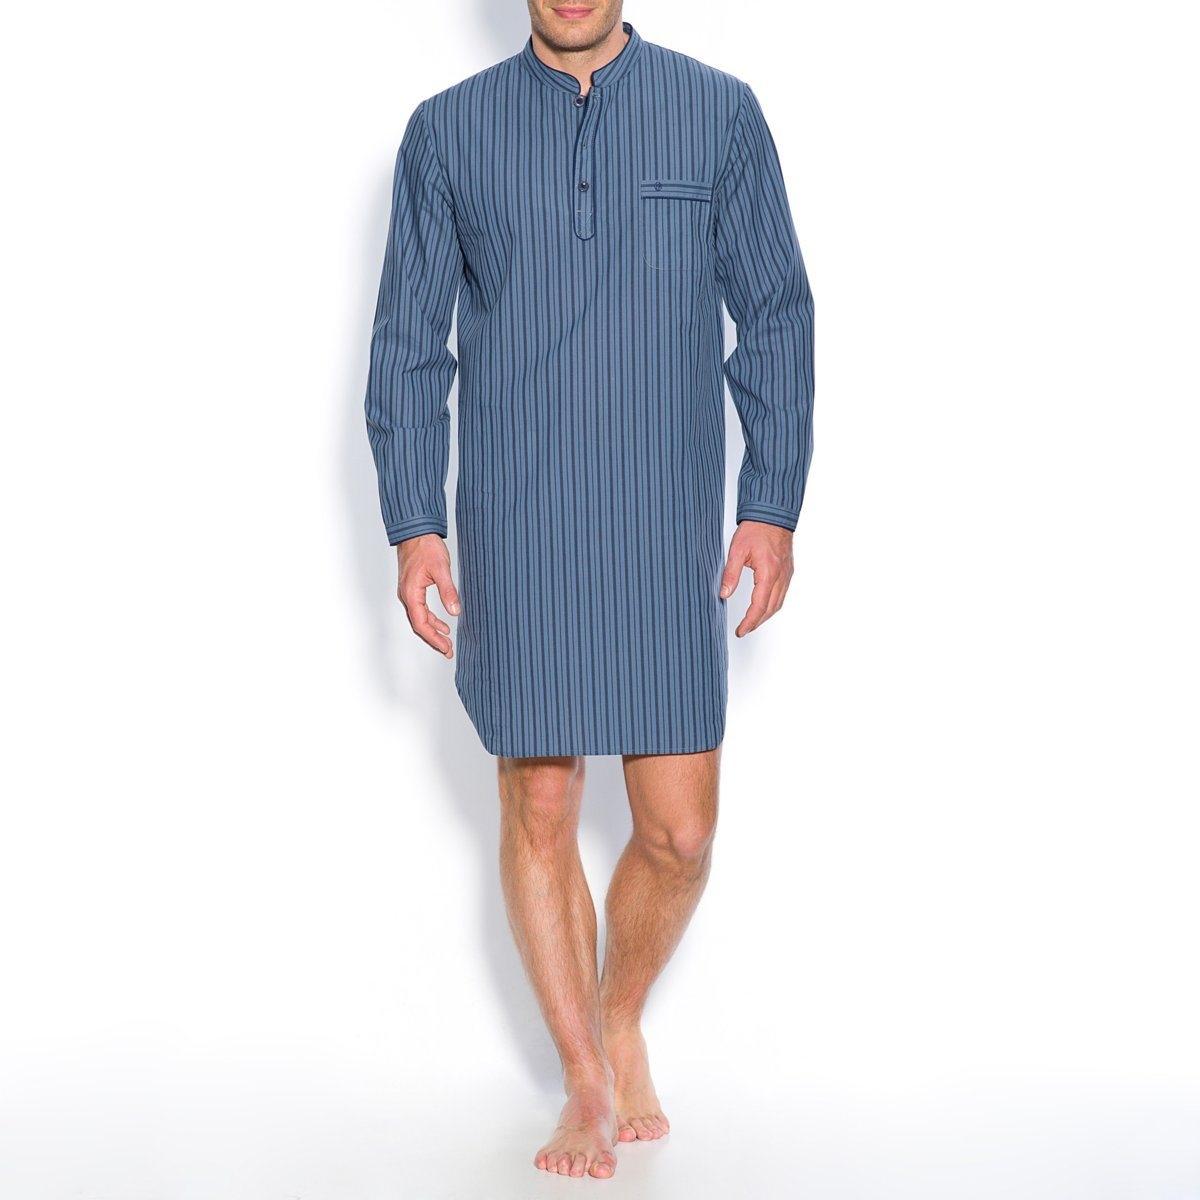 Пижама-рубашкаПоплин в полоску, 100% хлопка. Длинные рукава. Воротник-стойка с застежкой на 3 пуговицы. 1 нагрудный карман с вышивкой. Длина 100 см.<br><br>Цвет: синий в полоску,шамбрэ<br>Размер: M.XXL